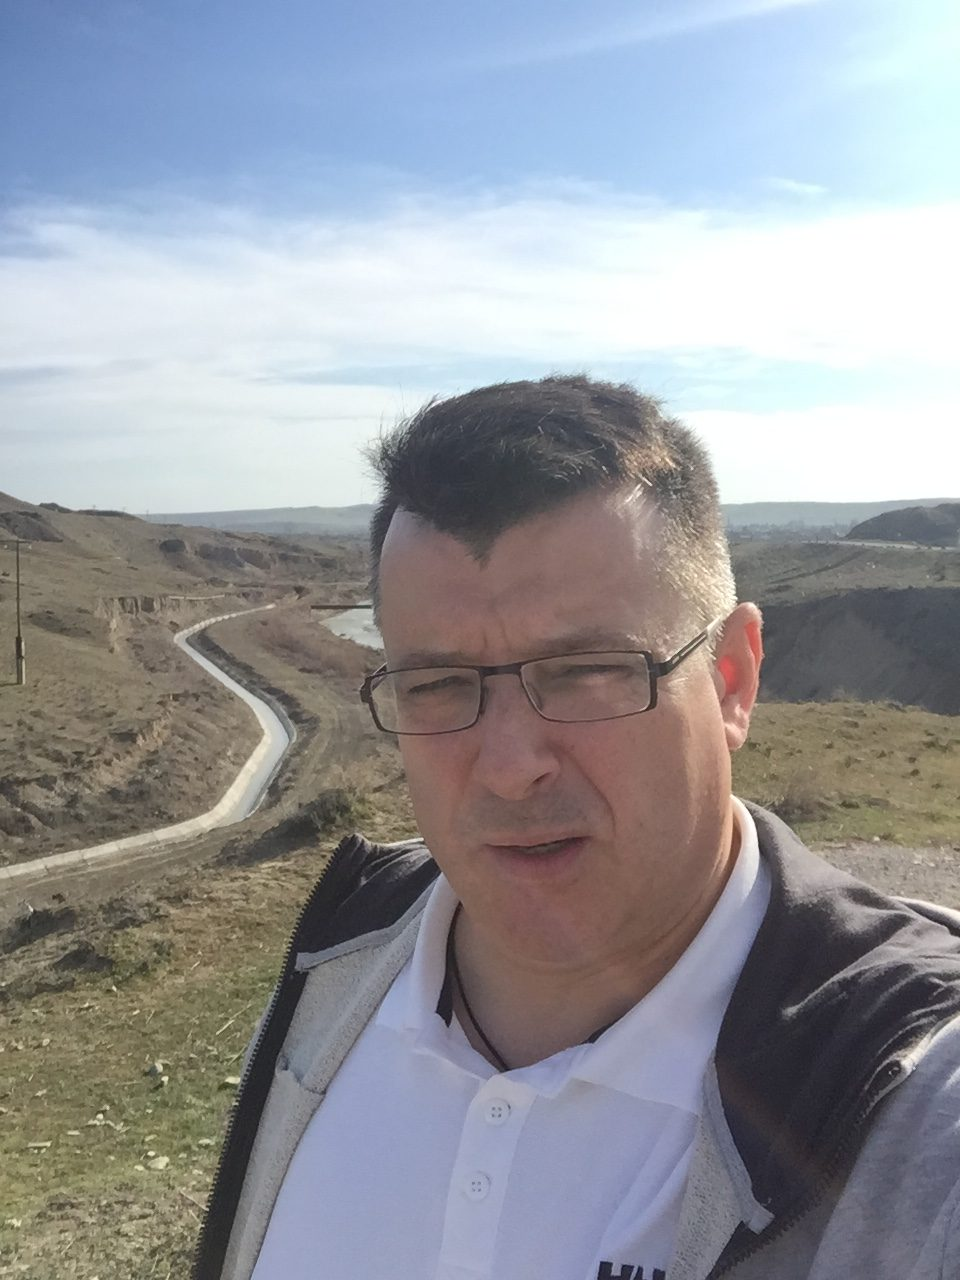 Исходя из запроса, мы предложили маршрут Баку - Гянджа для первой группы и Гянджа – Москва для второй. Расстояние между городами 345 километров (из них 280 автомагистраль), которые участники преодолевали за 1,5 дня